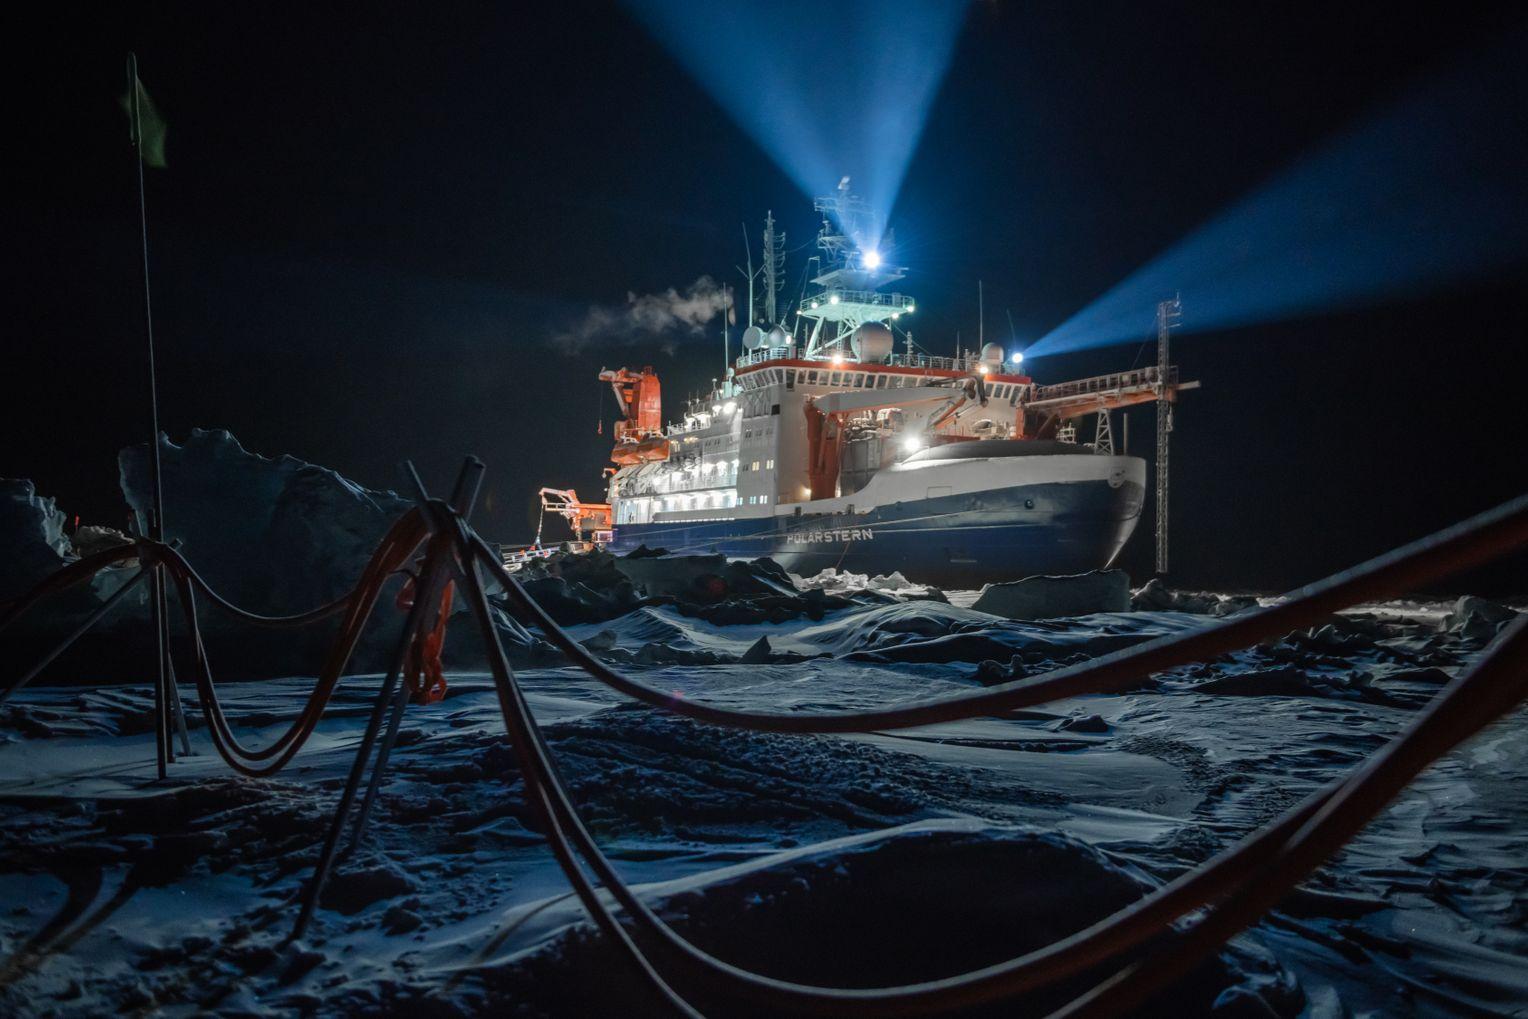 Schiff im Dunkeln: In der Polarnacht lieferte das Schiff »Polarstern« den Strom für das Licht. Mit Spotlights wird die Scholle beleuchtet, auf der die Forscher den Eisbrecher absichtlich festfrieren ließen. Foto:Esther Horvath